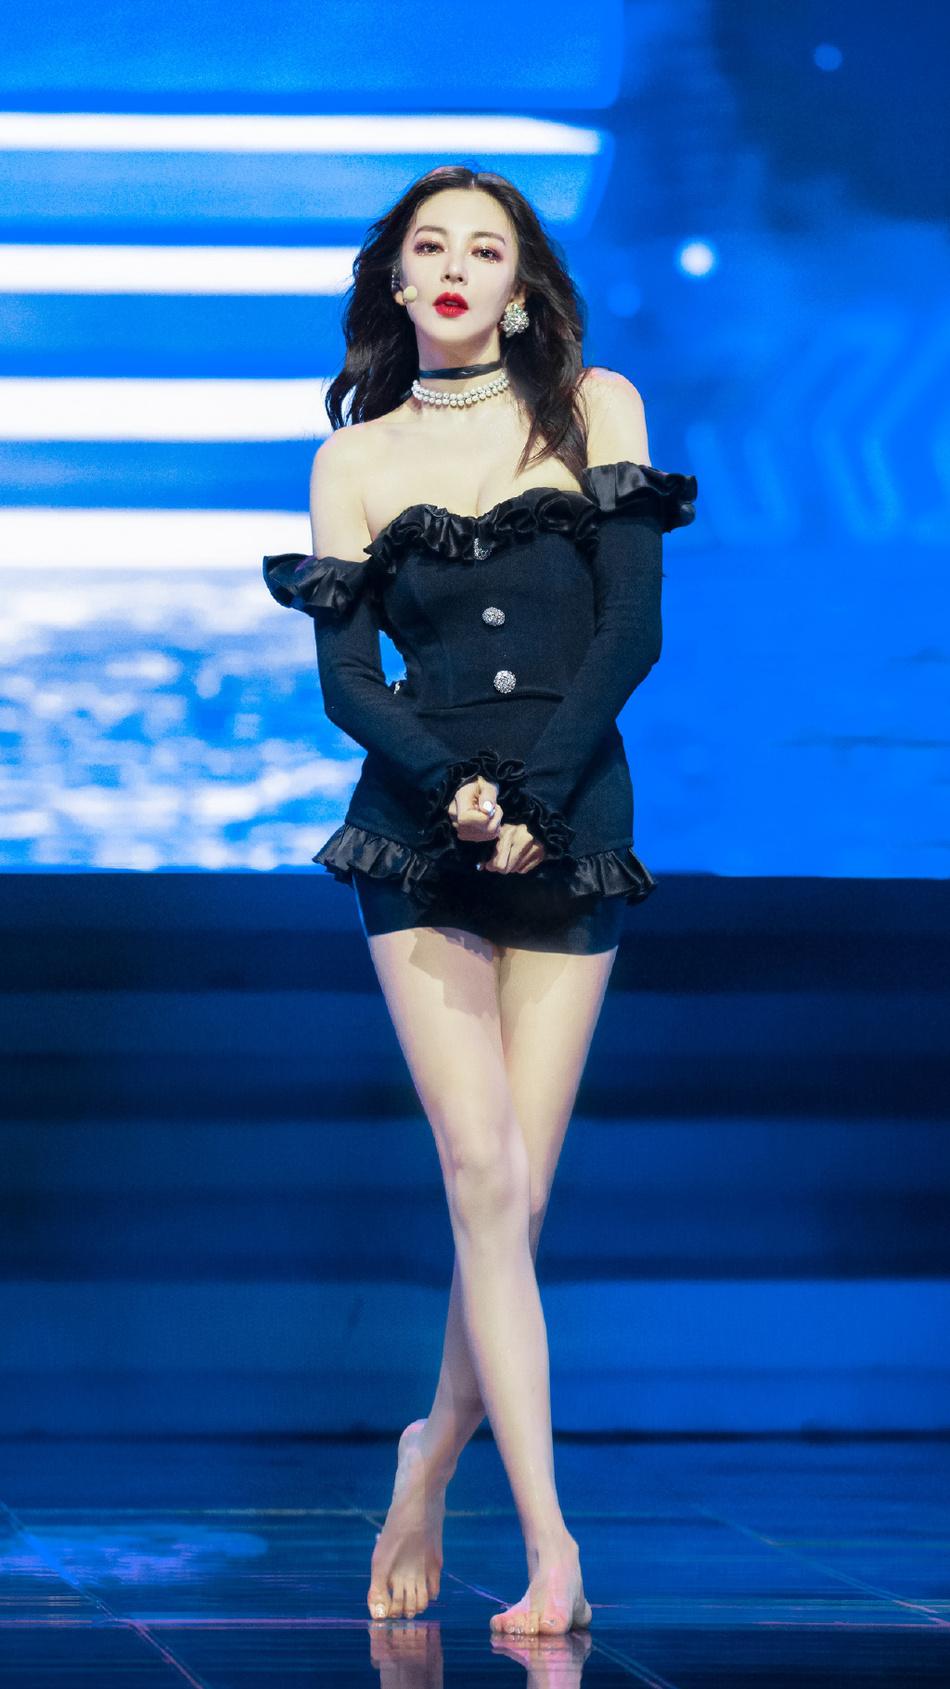 美食流城市合伙人:张雨绮绝了!拥有韩剧女主脸的她另有丰胸美腿 第1张